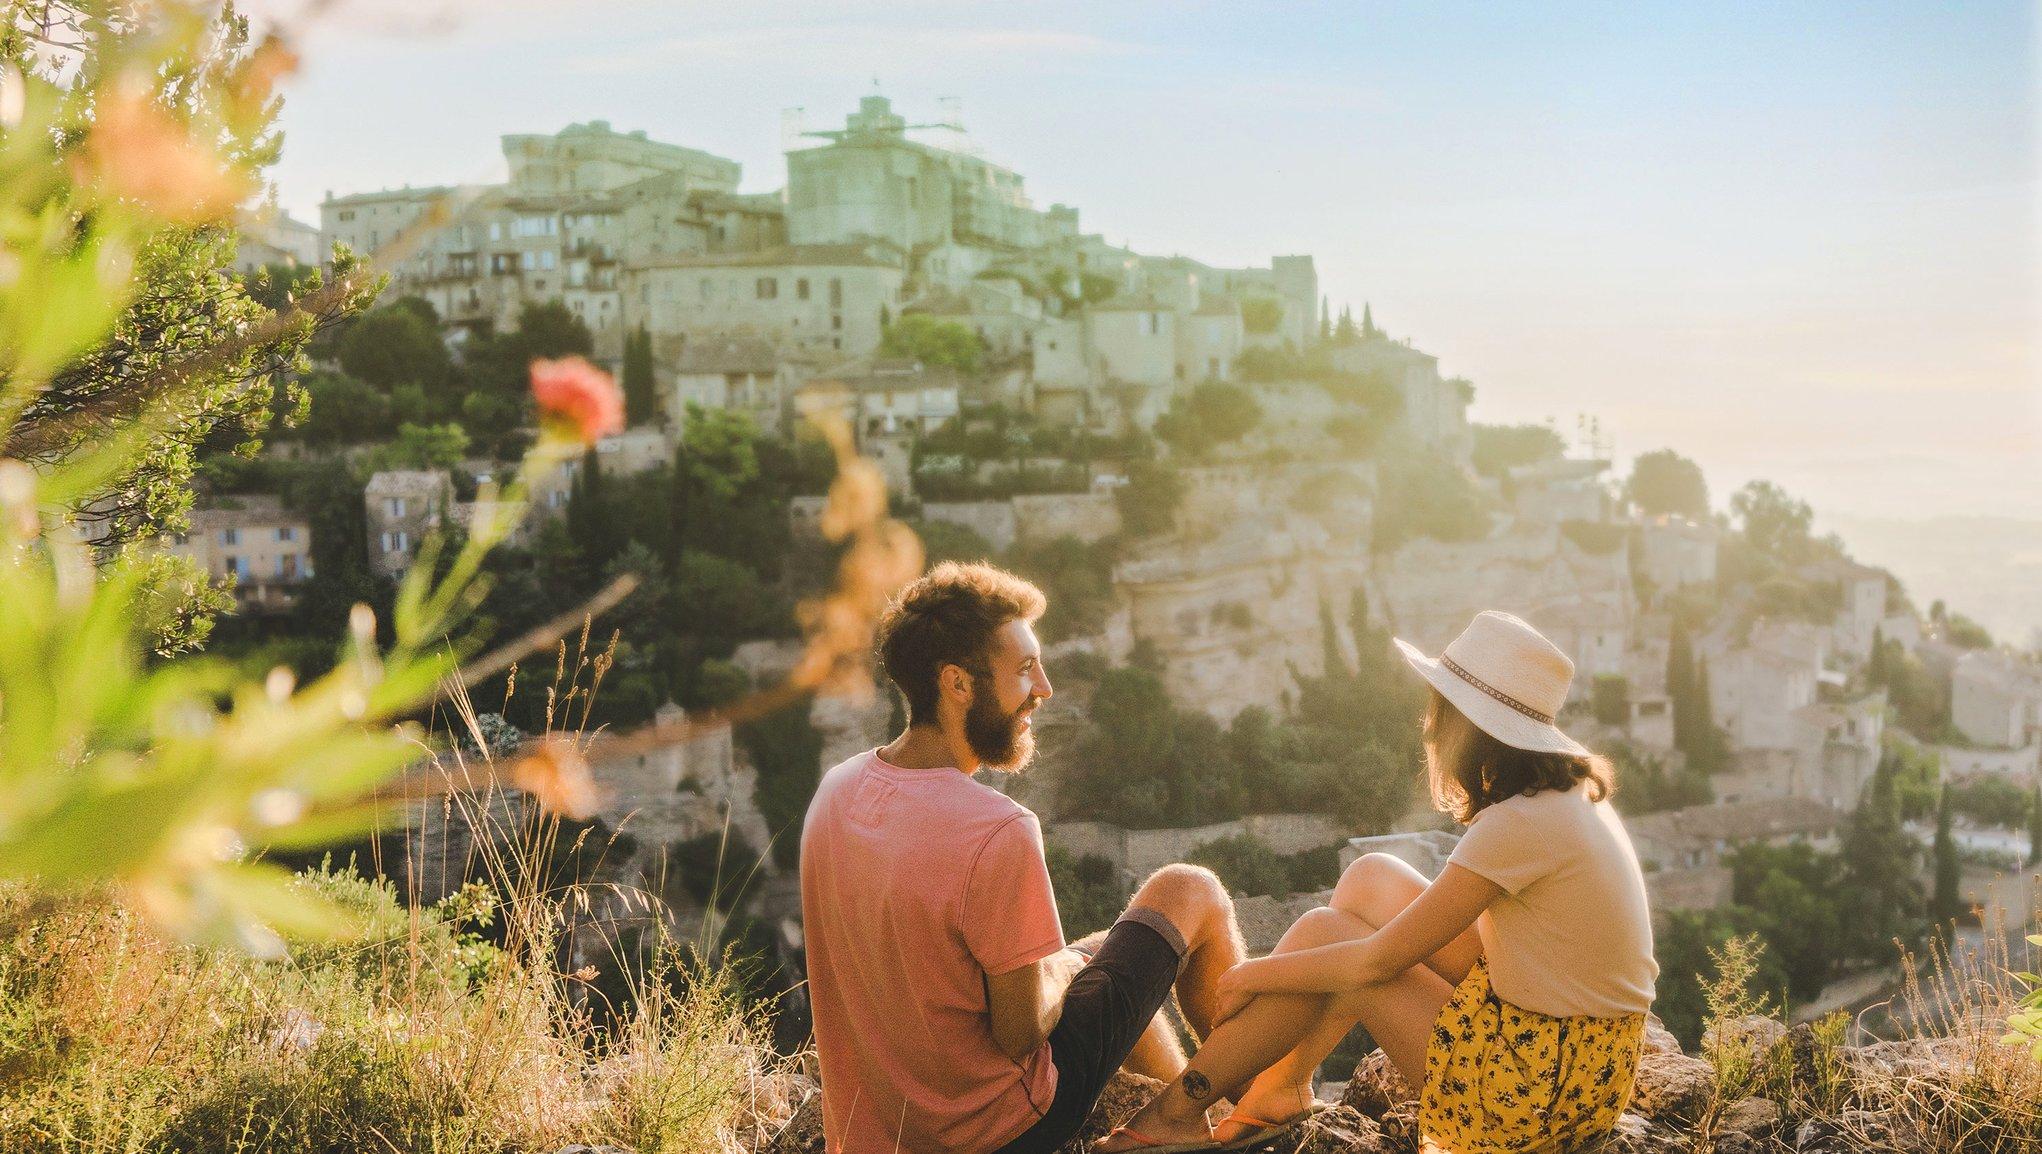 Mann og dame på fjellskrent i utlandet